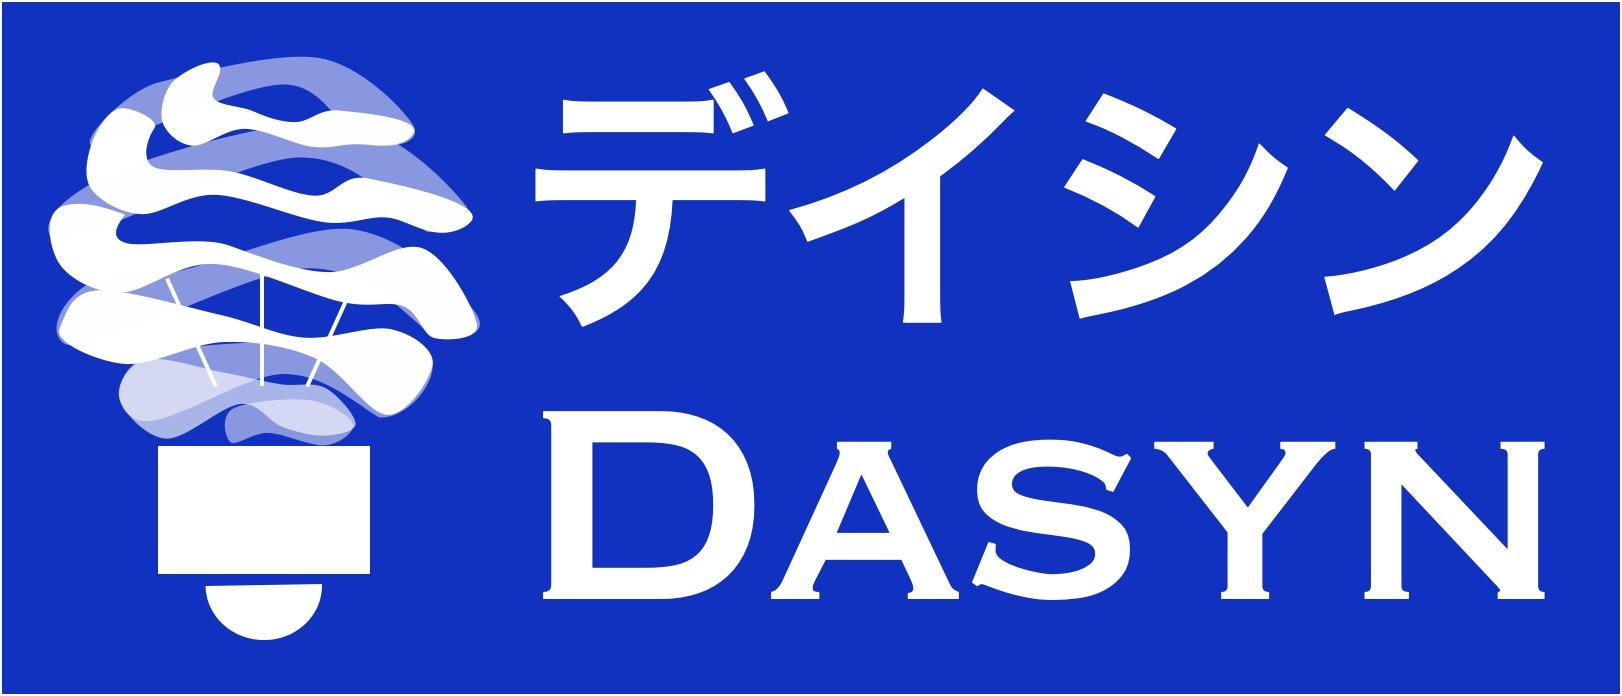 3Dデザインランプ|Dasyn(デイシン) デイシン (Dasyn) ではオリジナルデザインの LED 照明器具「3D デザインランプ」を製造販売しています. デイシンが独自に開発した「螺旋 3D 印刷法」によって作られたガラスではまねできない繊細な形や模様をもつランプシェードを使った LED 電球やペンダントライトはおしゃれにきらめきます. 自分だけのデザインやサイズのランプが 3 日でセミオーダーできます. 3D デザインランプでお部屋の雰囲気を変えてみませんか? フルオーダーのランプシェードや照明器具のカスタムデザイン・生産も受注します. デザインは既存商品の変形や表面パターン変更程度なら 2000 円以下で受注しますので,ご相談ください.